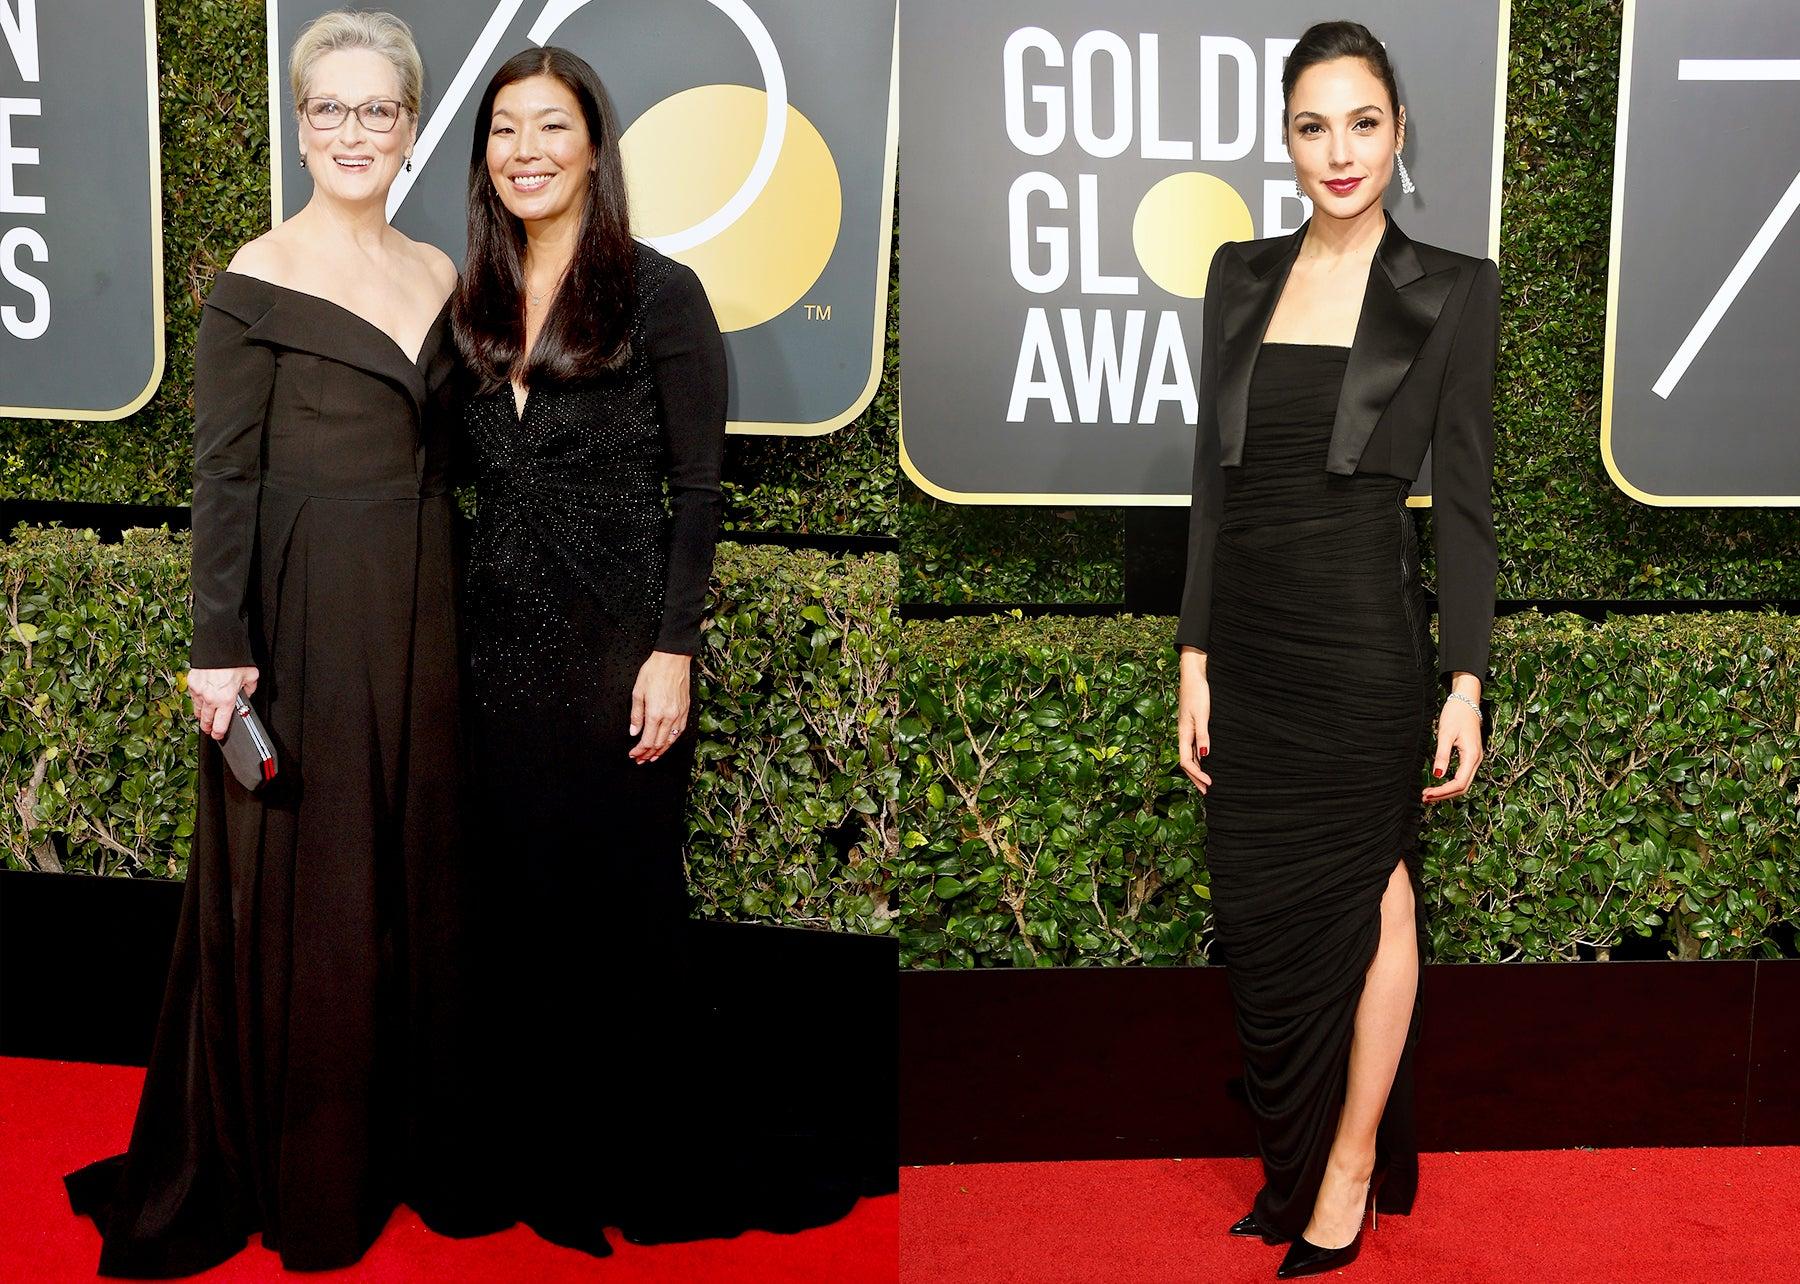 Meryl Streep, Ai-Jen Poo, and Gal Gadot.